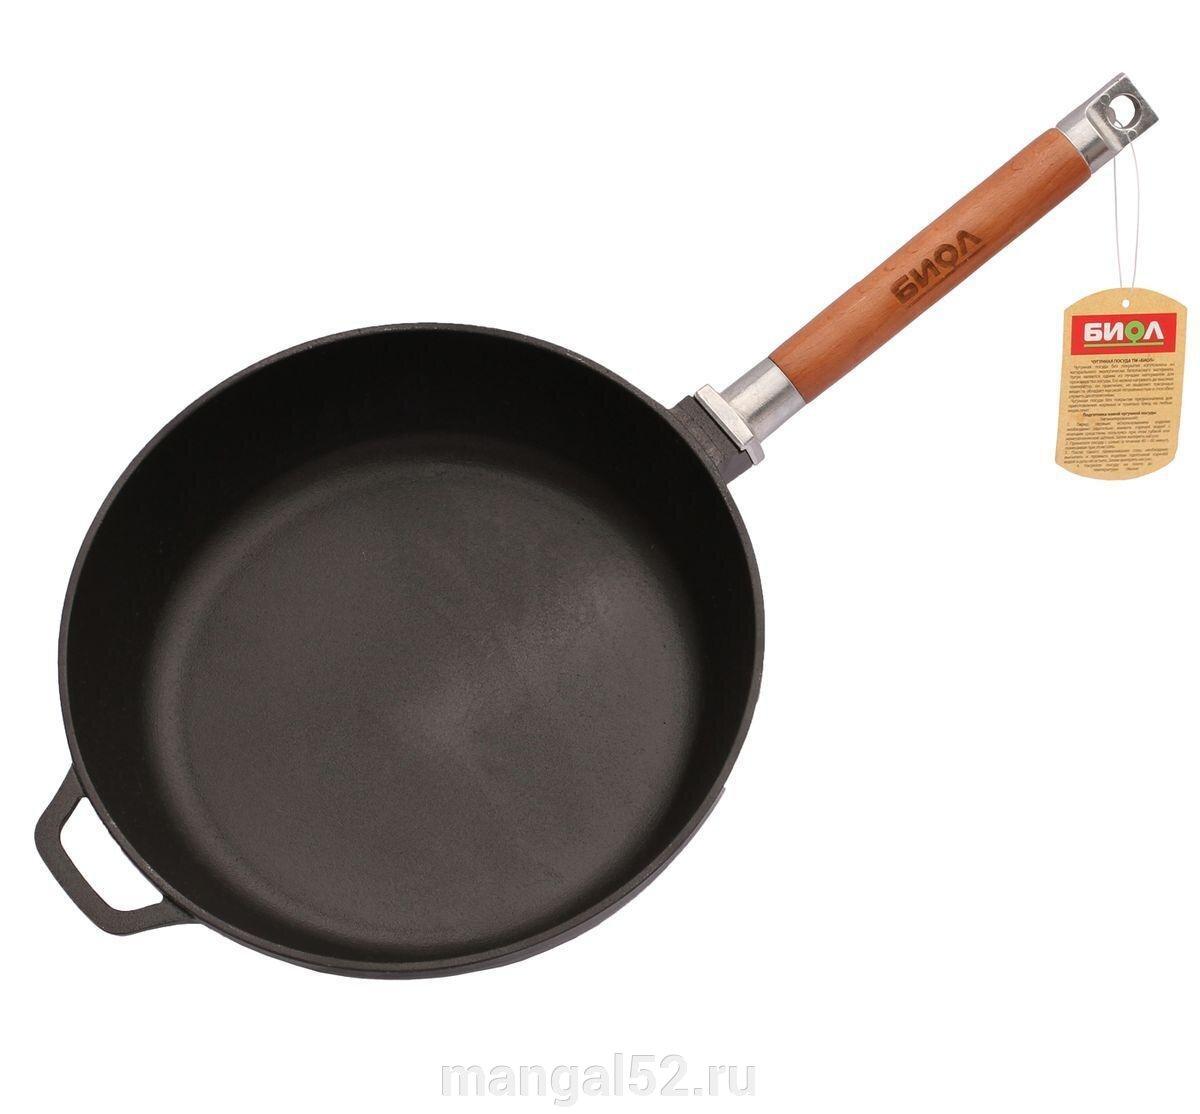 купить чугунный сотейник в Нижнем Новгороде